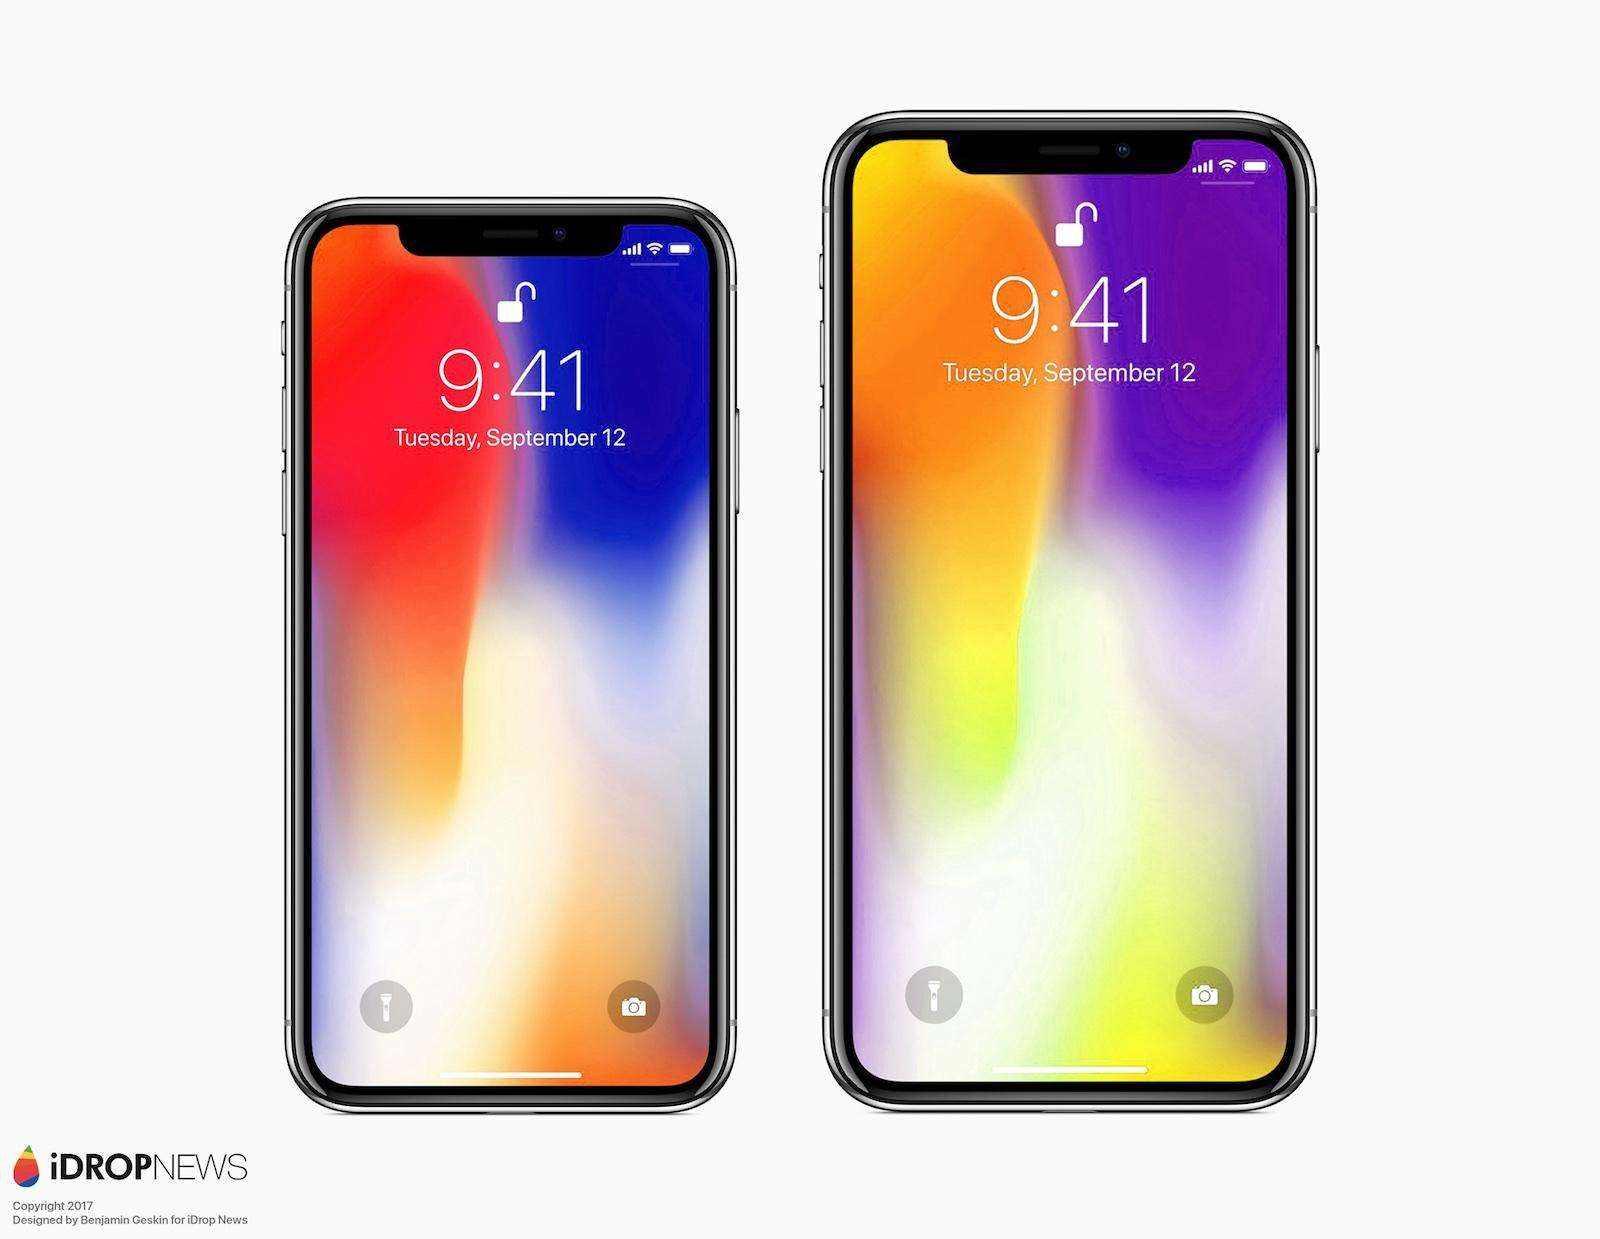 郭明錤称苹果今年将取消发布3款新iPhone